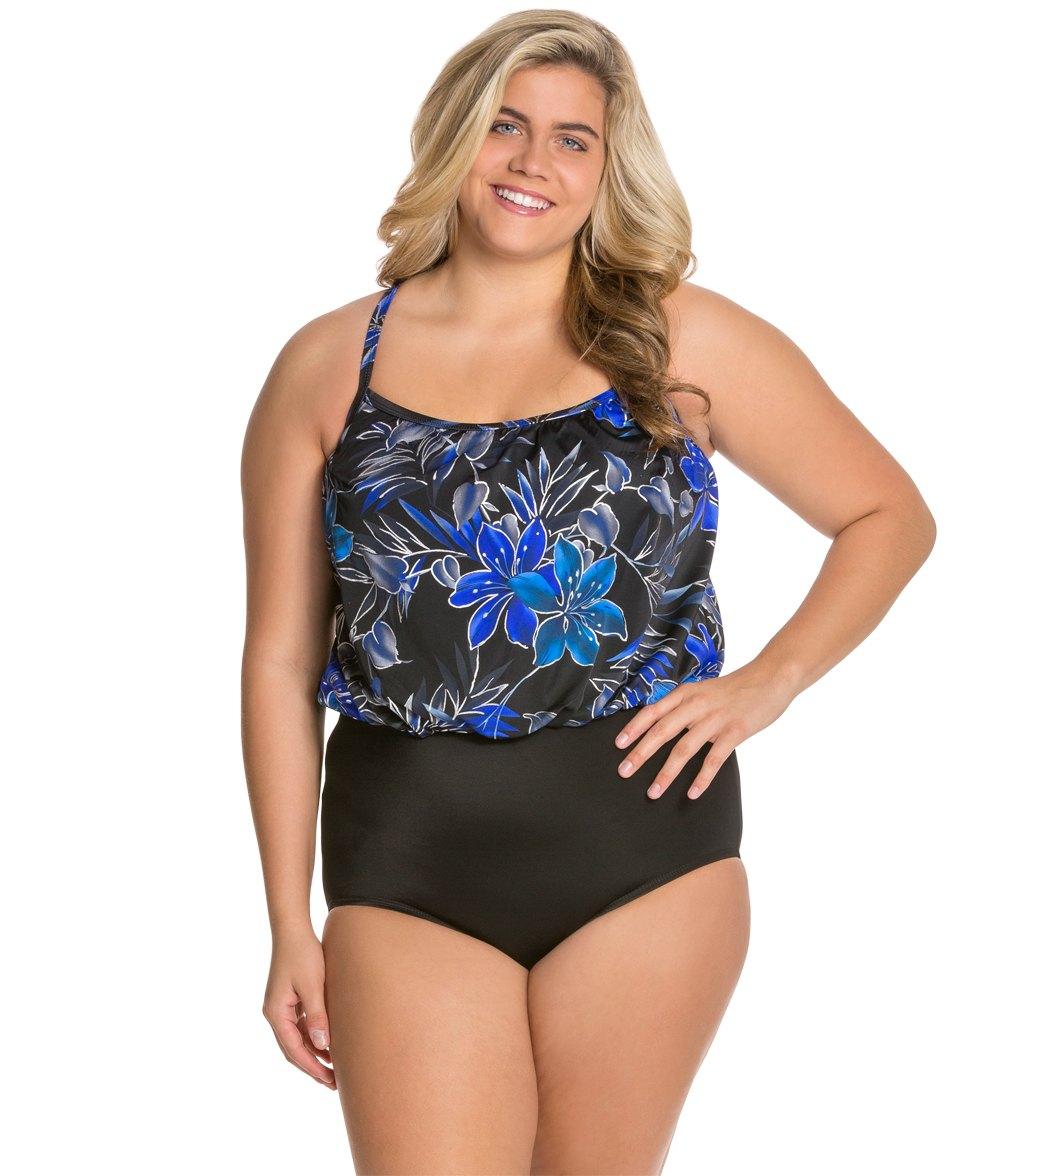 df8316b251718 Blouson Swim Tops Plus Size